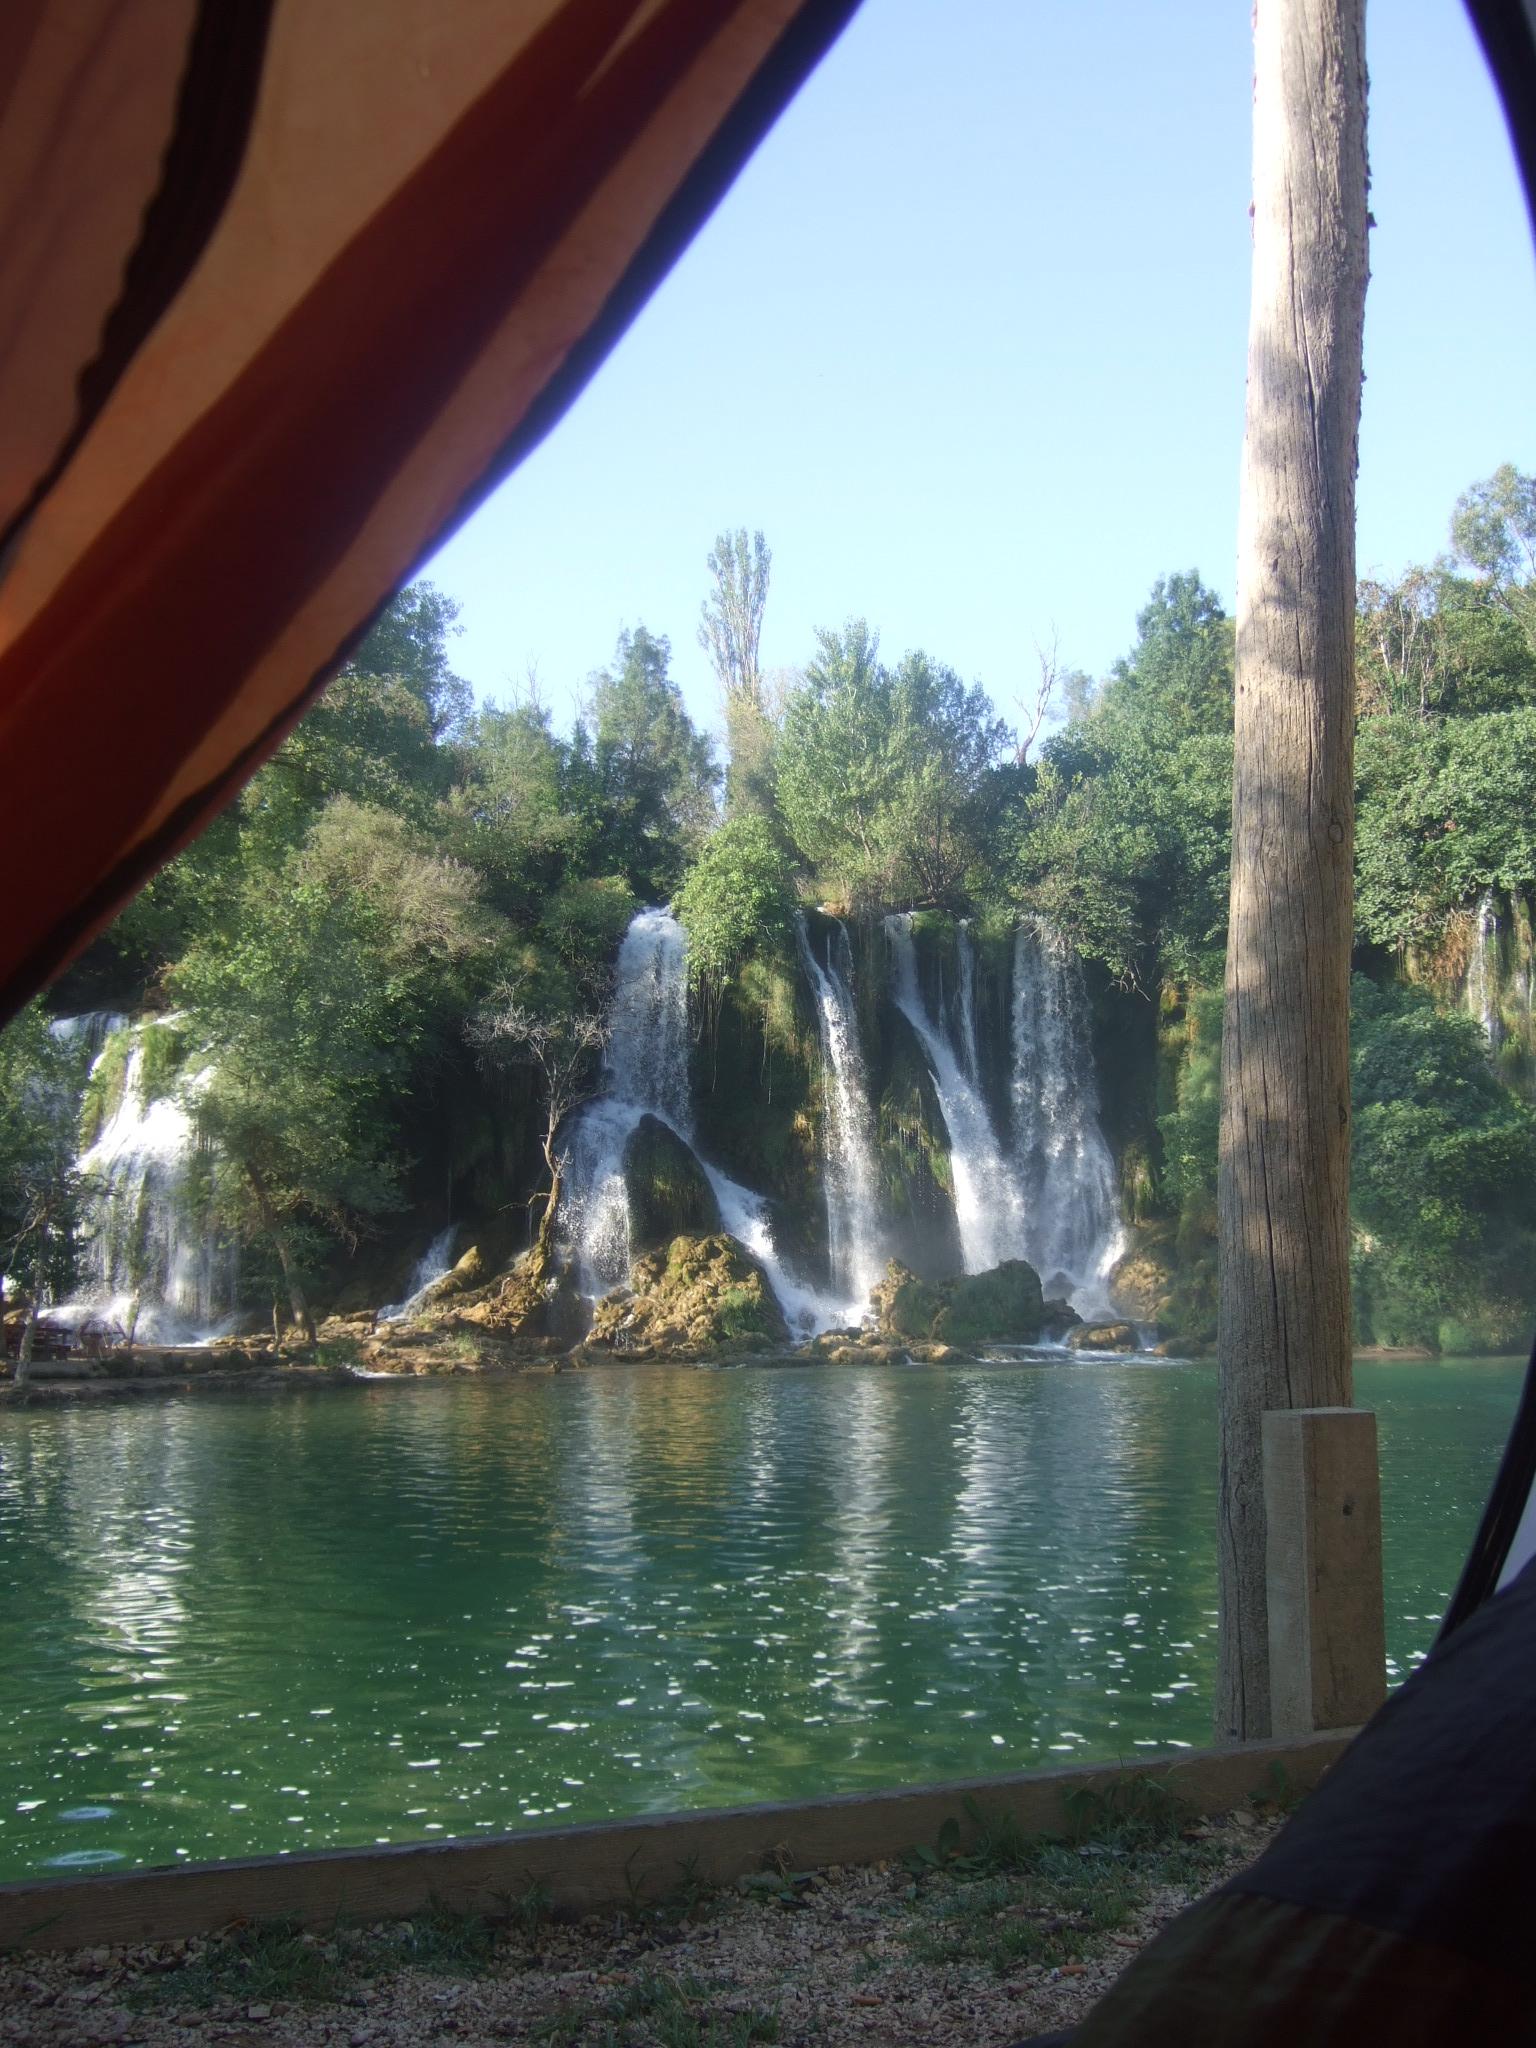 Kravice : lac et parc naturel de chutes en Bosnie-Herzégovine 22